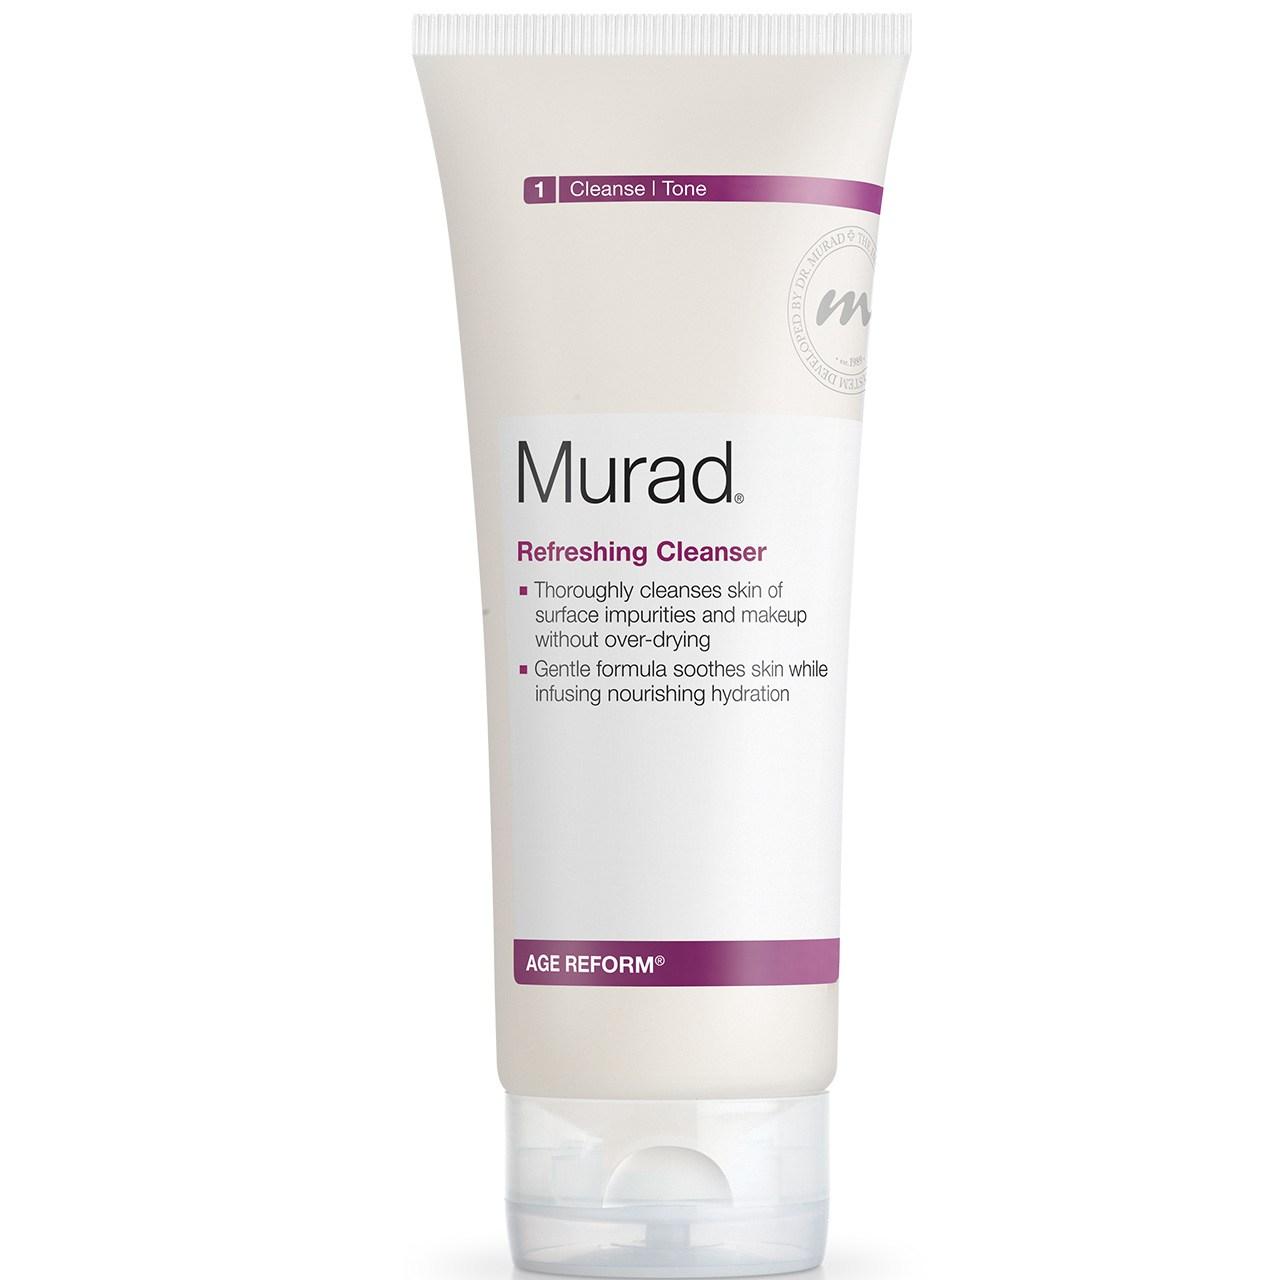 پاک کننده پوست مورد سری Age Reform مدل Refreshing حجم 200 میلی لیتر